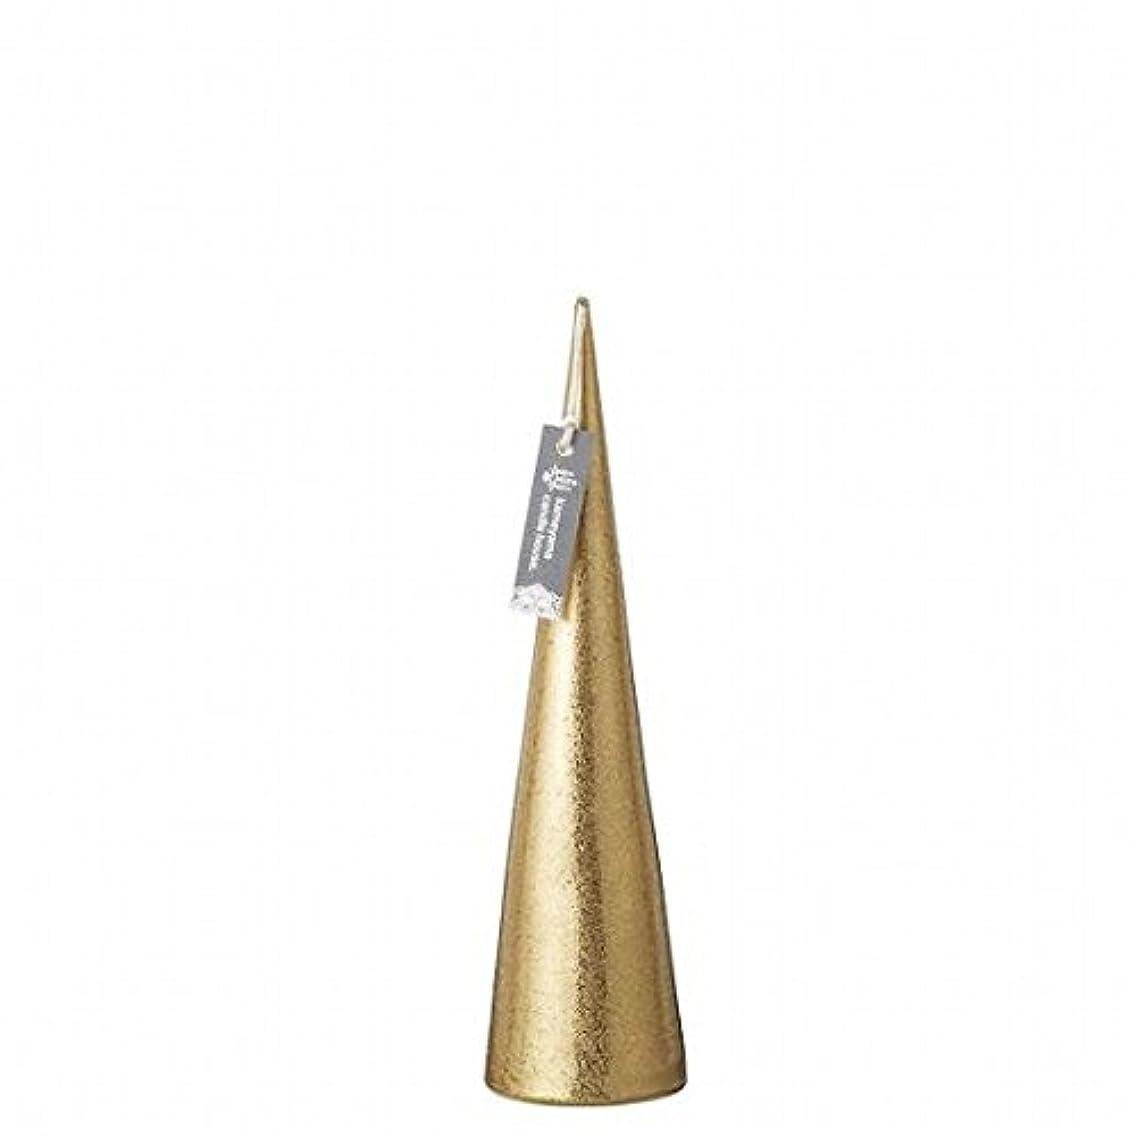 寛大なきらめき定期的にkameyama candle(カメヤマキャンドル) メタリックコーンM「 ゴールド 」(A9560110GO)